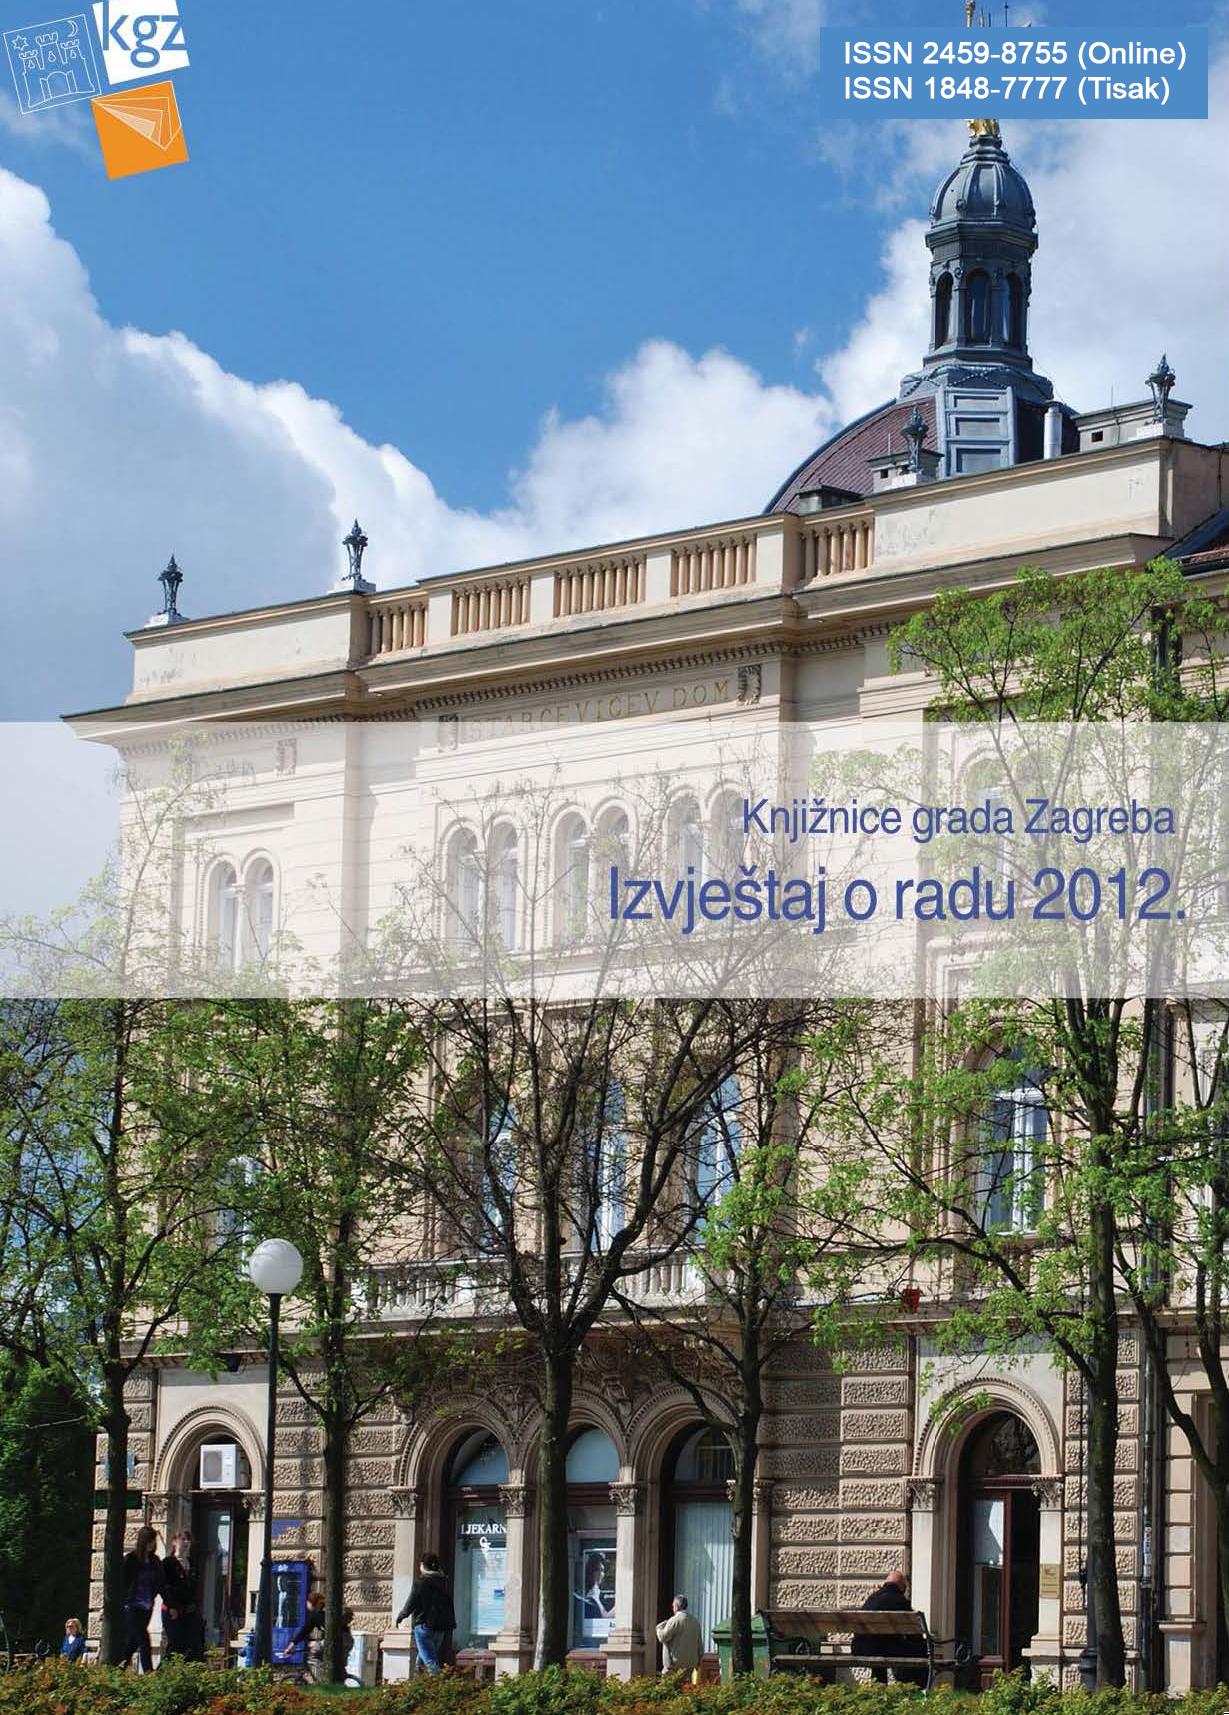 Izvještaj o radu 2012.